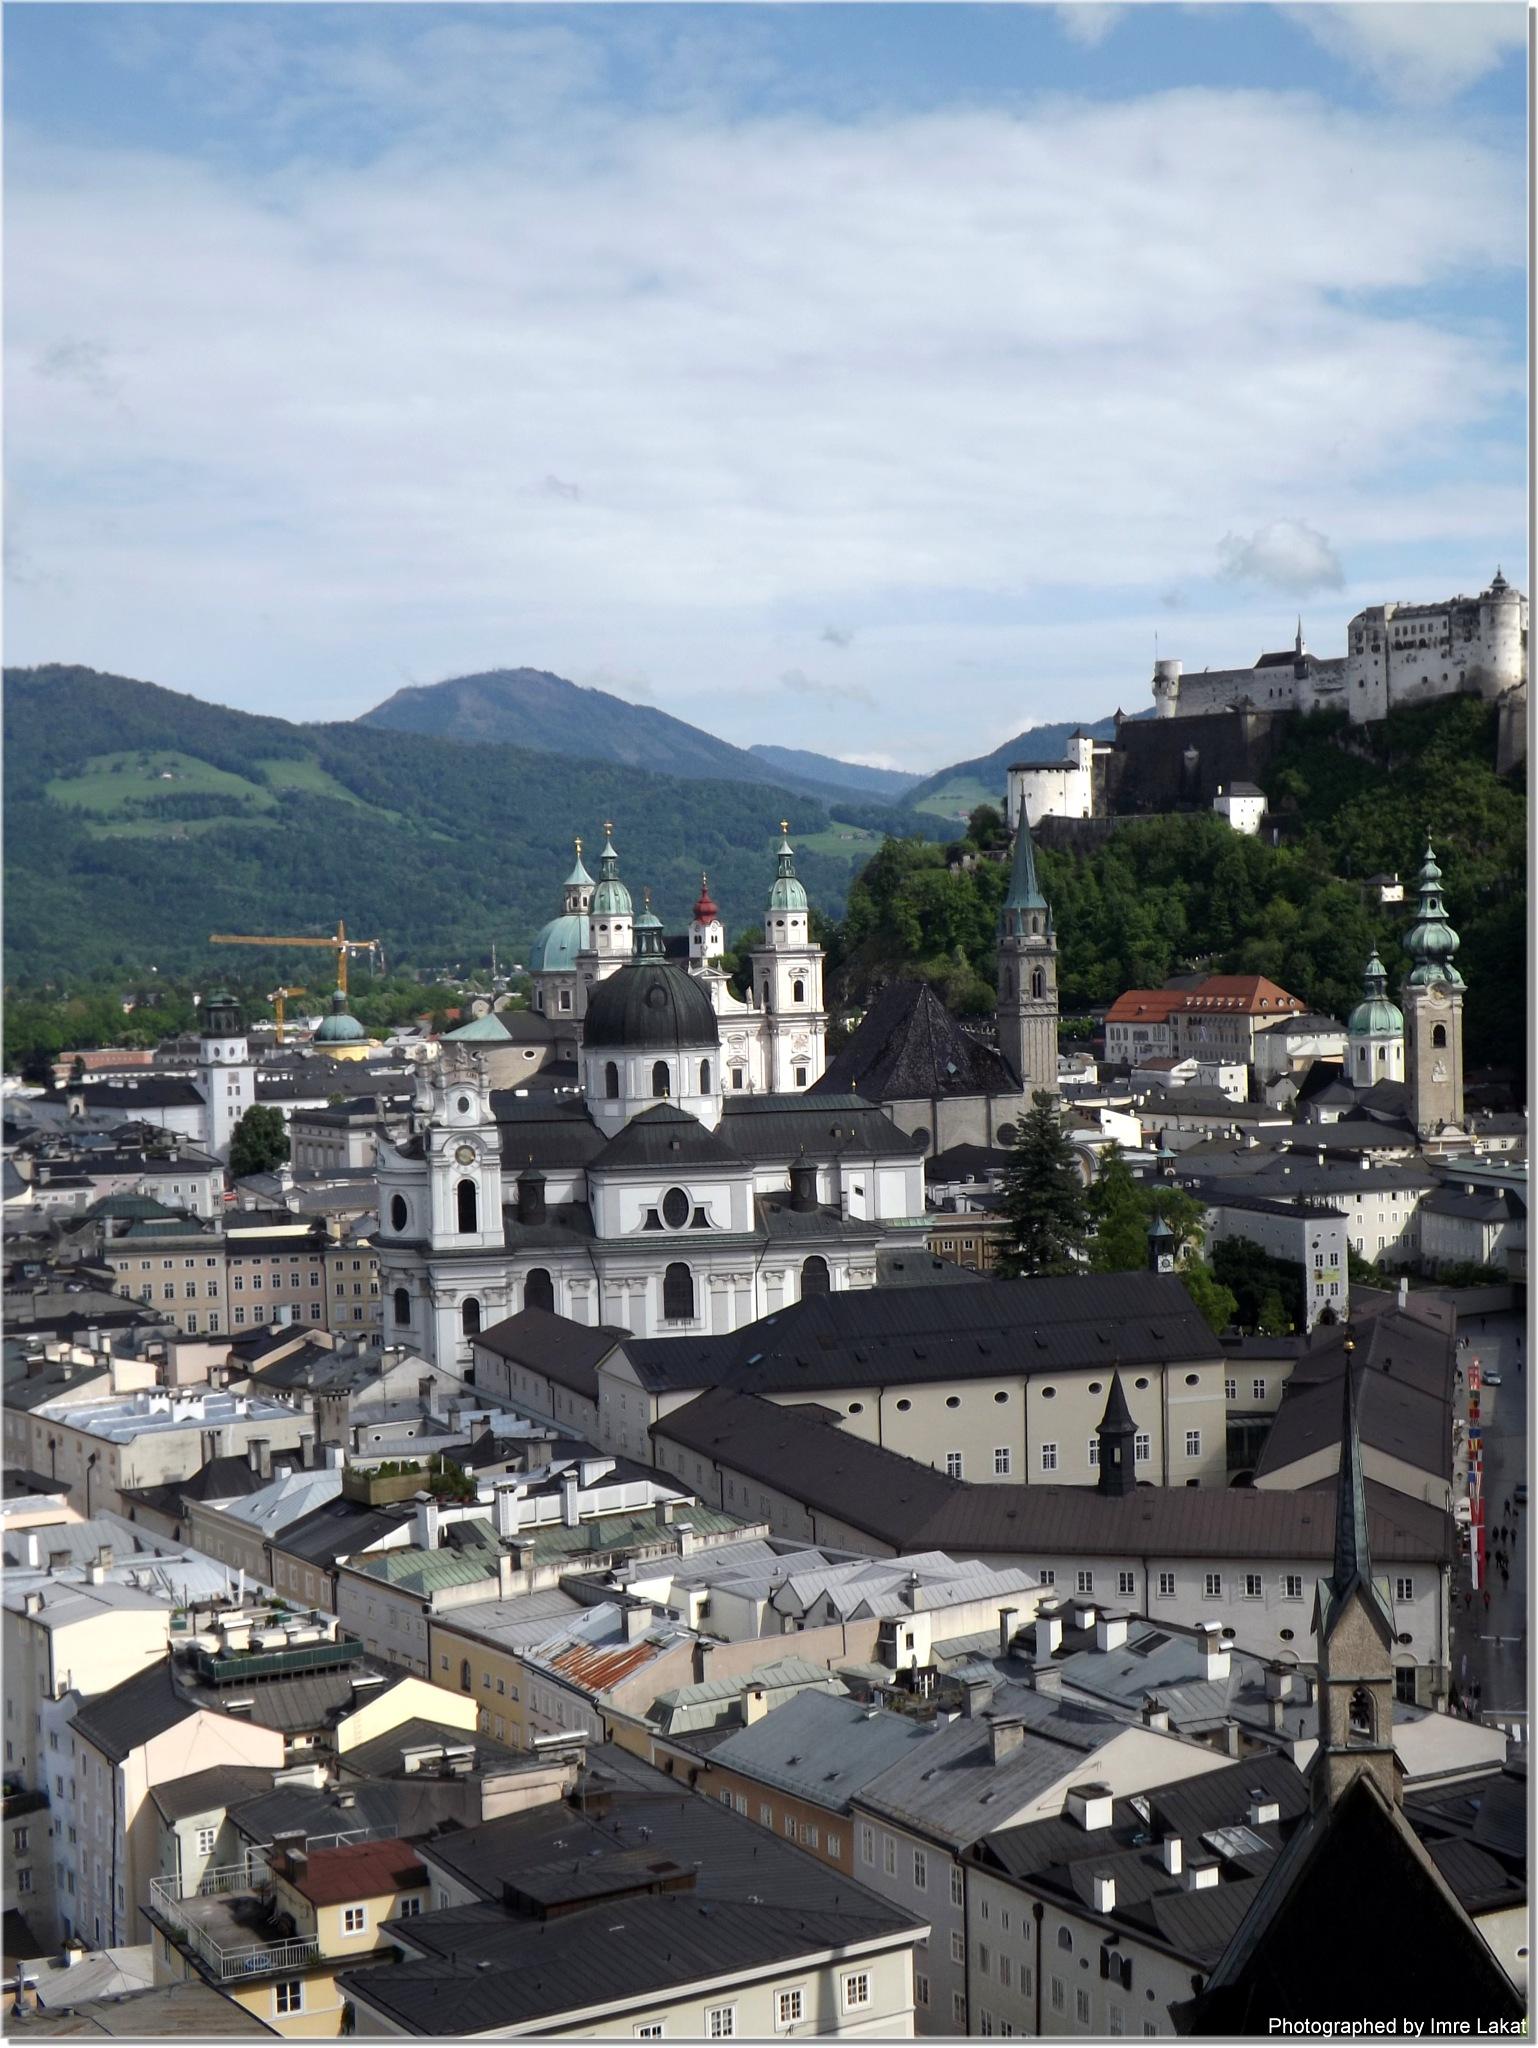 Dom zu Salzburg Austria by Imre Lakat